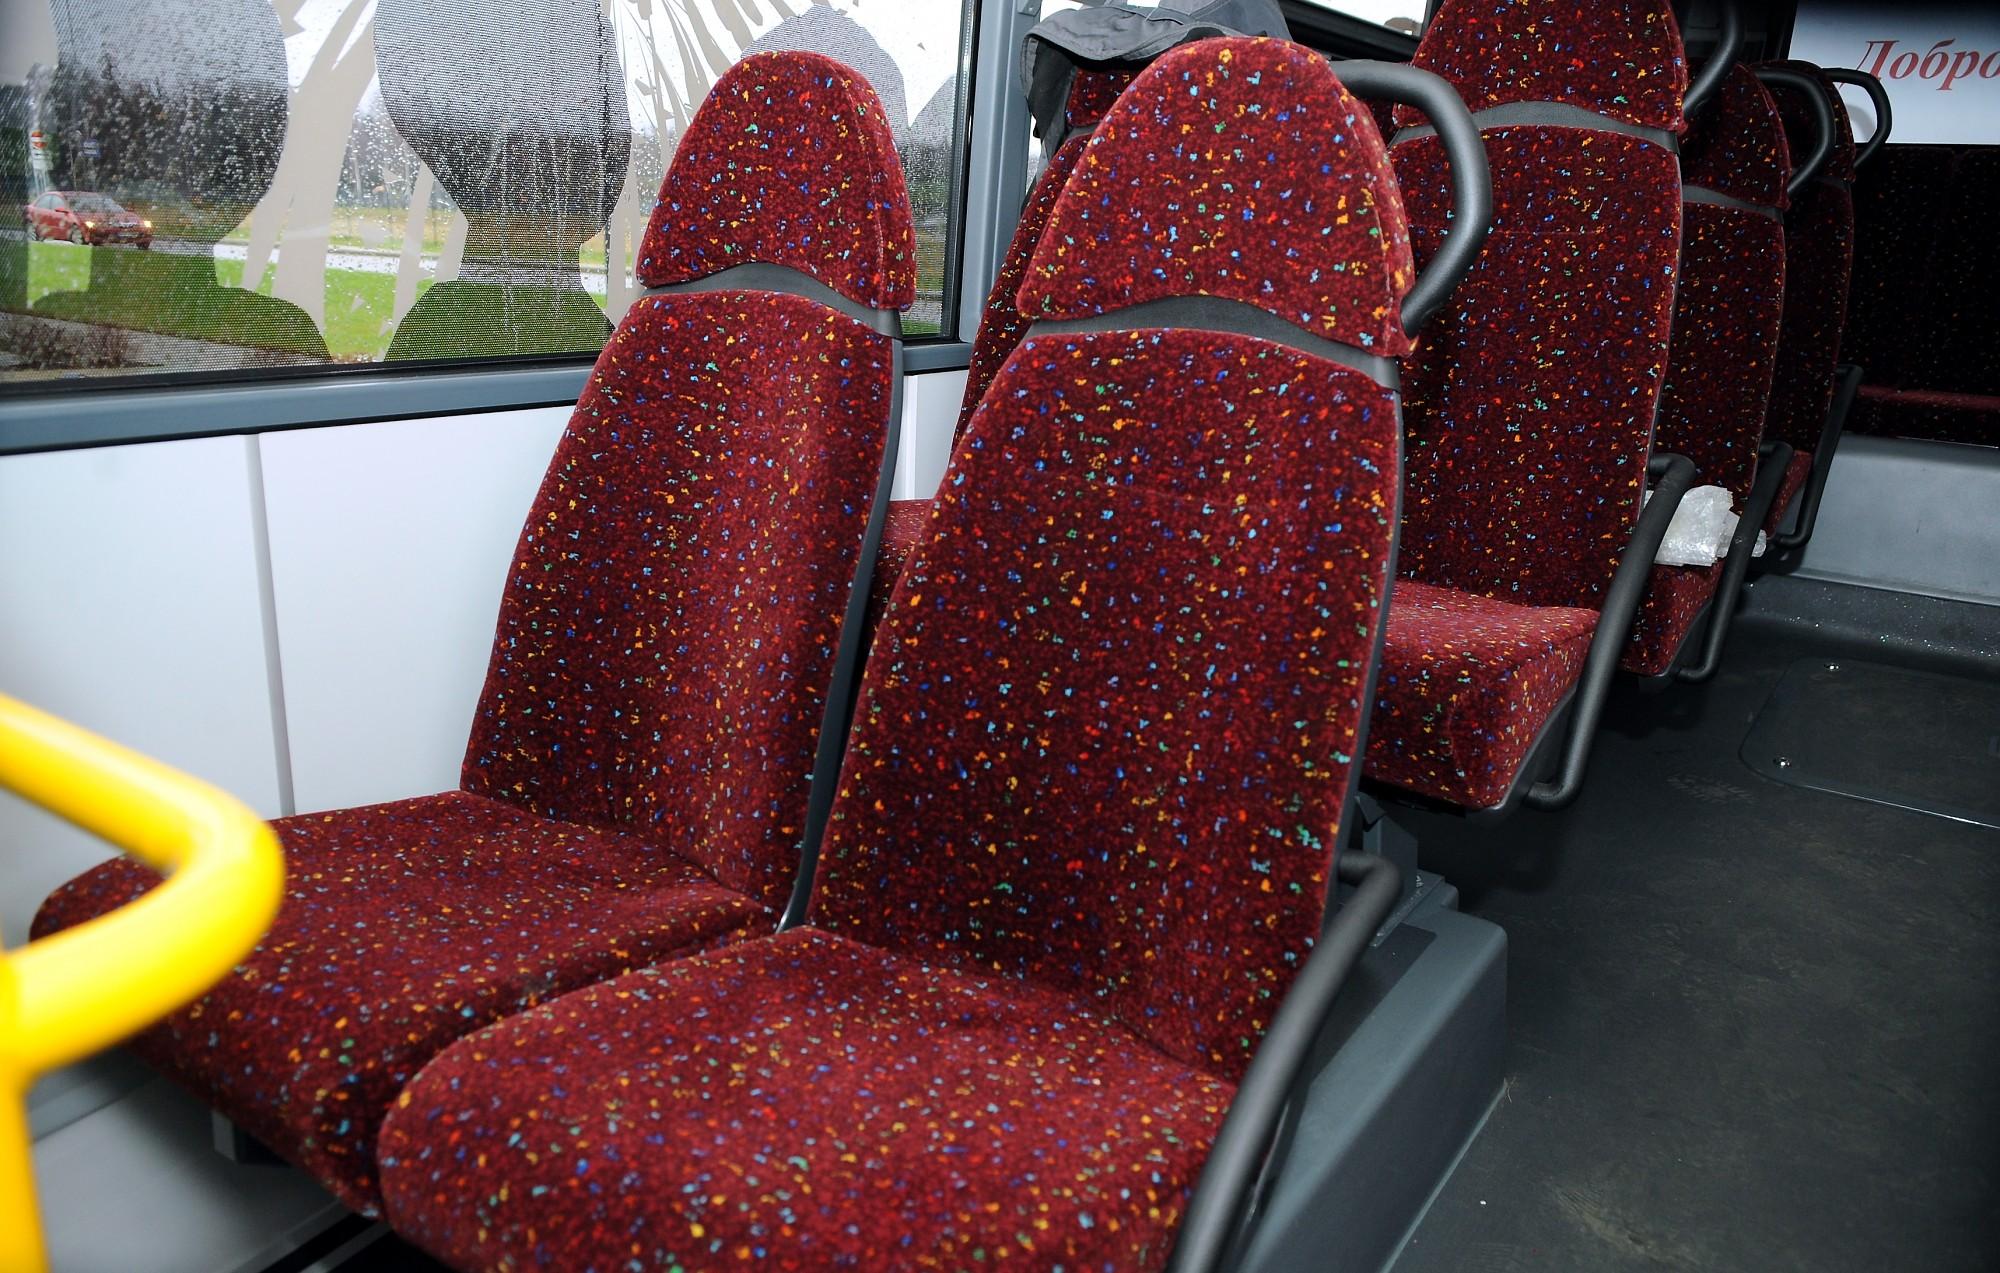 No janvāra vidus pieaugs biļešu cenas vilcienos un reģionālo maršrutu autobusos